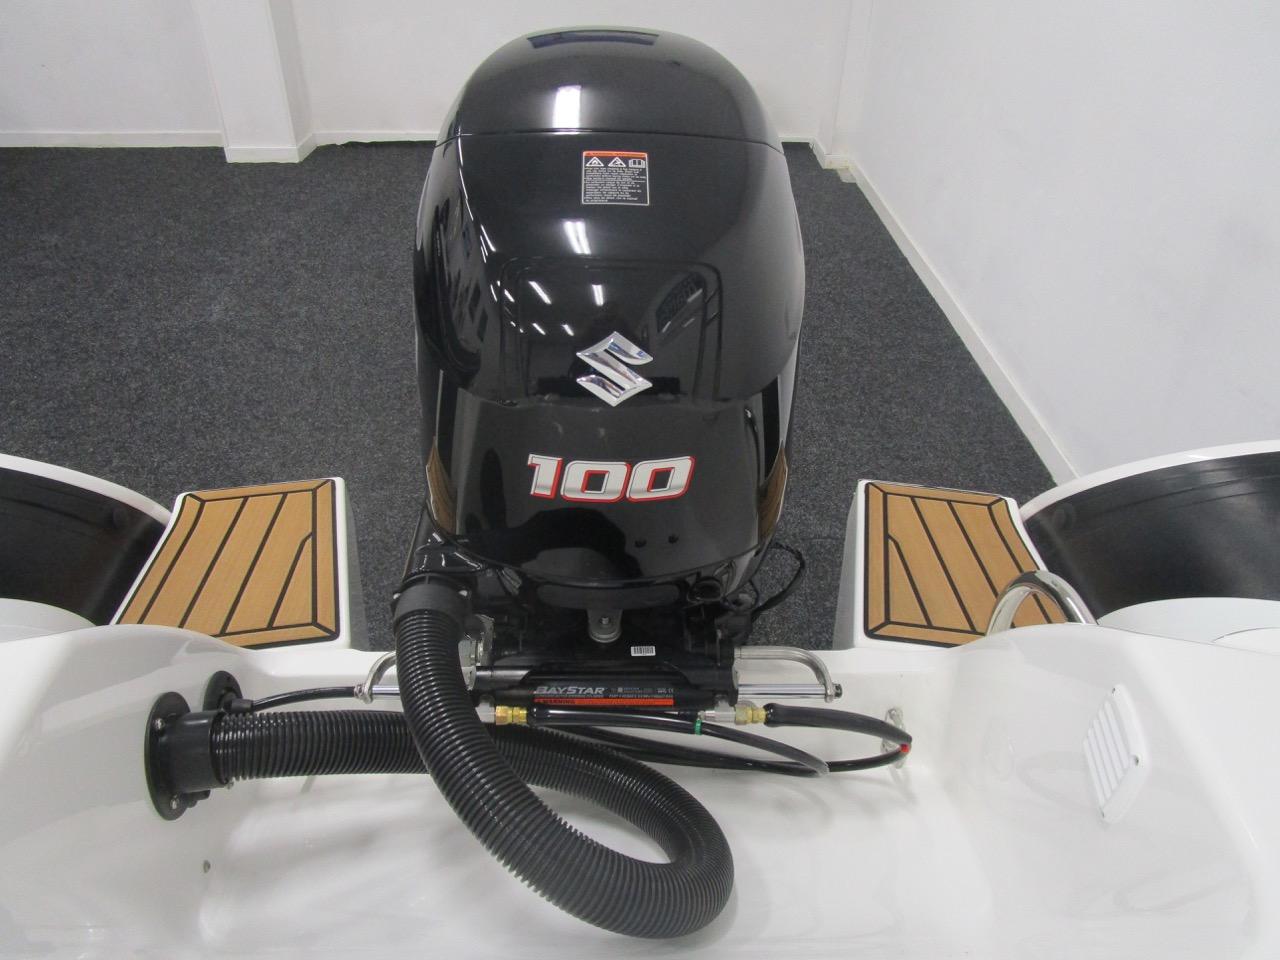 GRAND G500 RIB Suzuki DF100BTL outboard